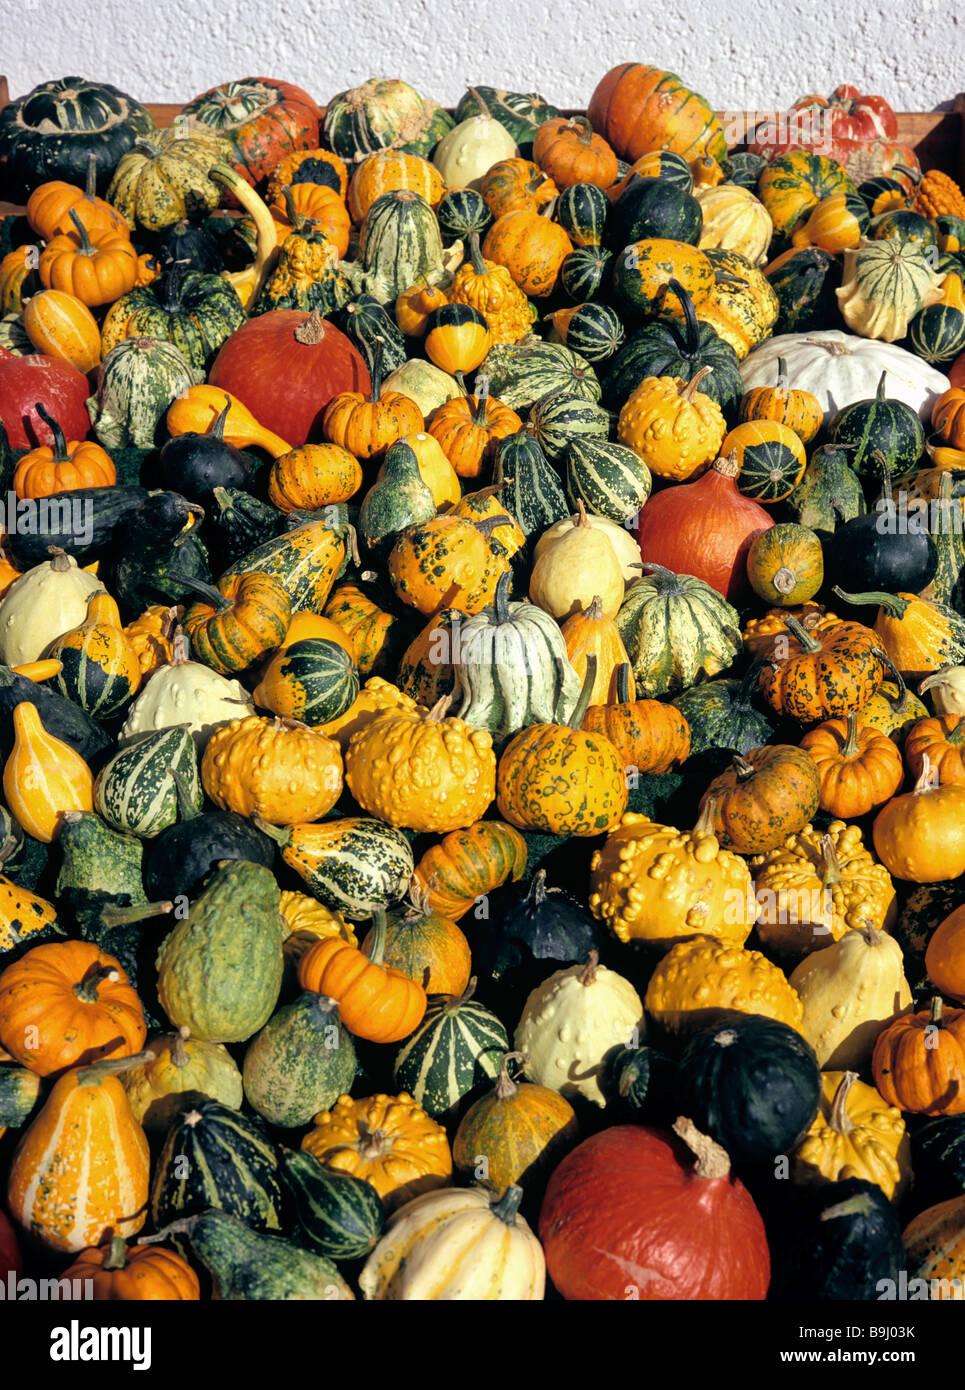 Cucurbitas (Cucurbita), different marrows and squashes, pumpkins, market, autumn - Stock Image